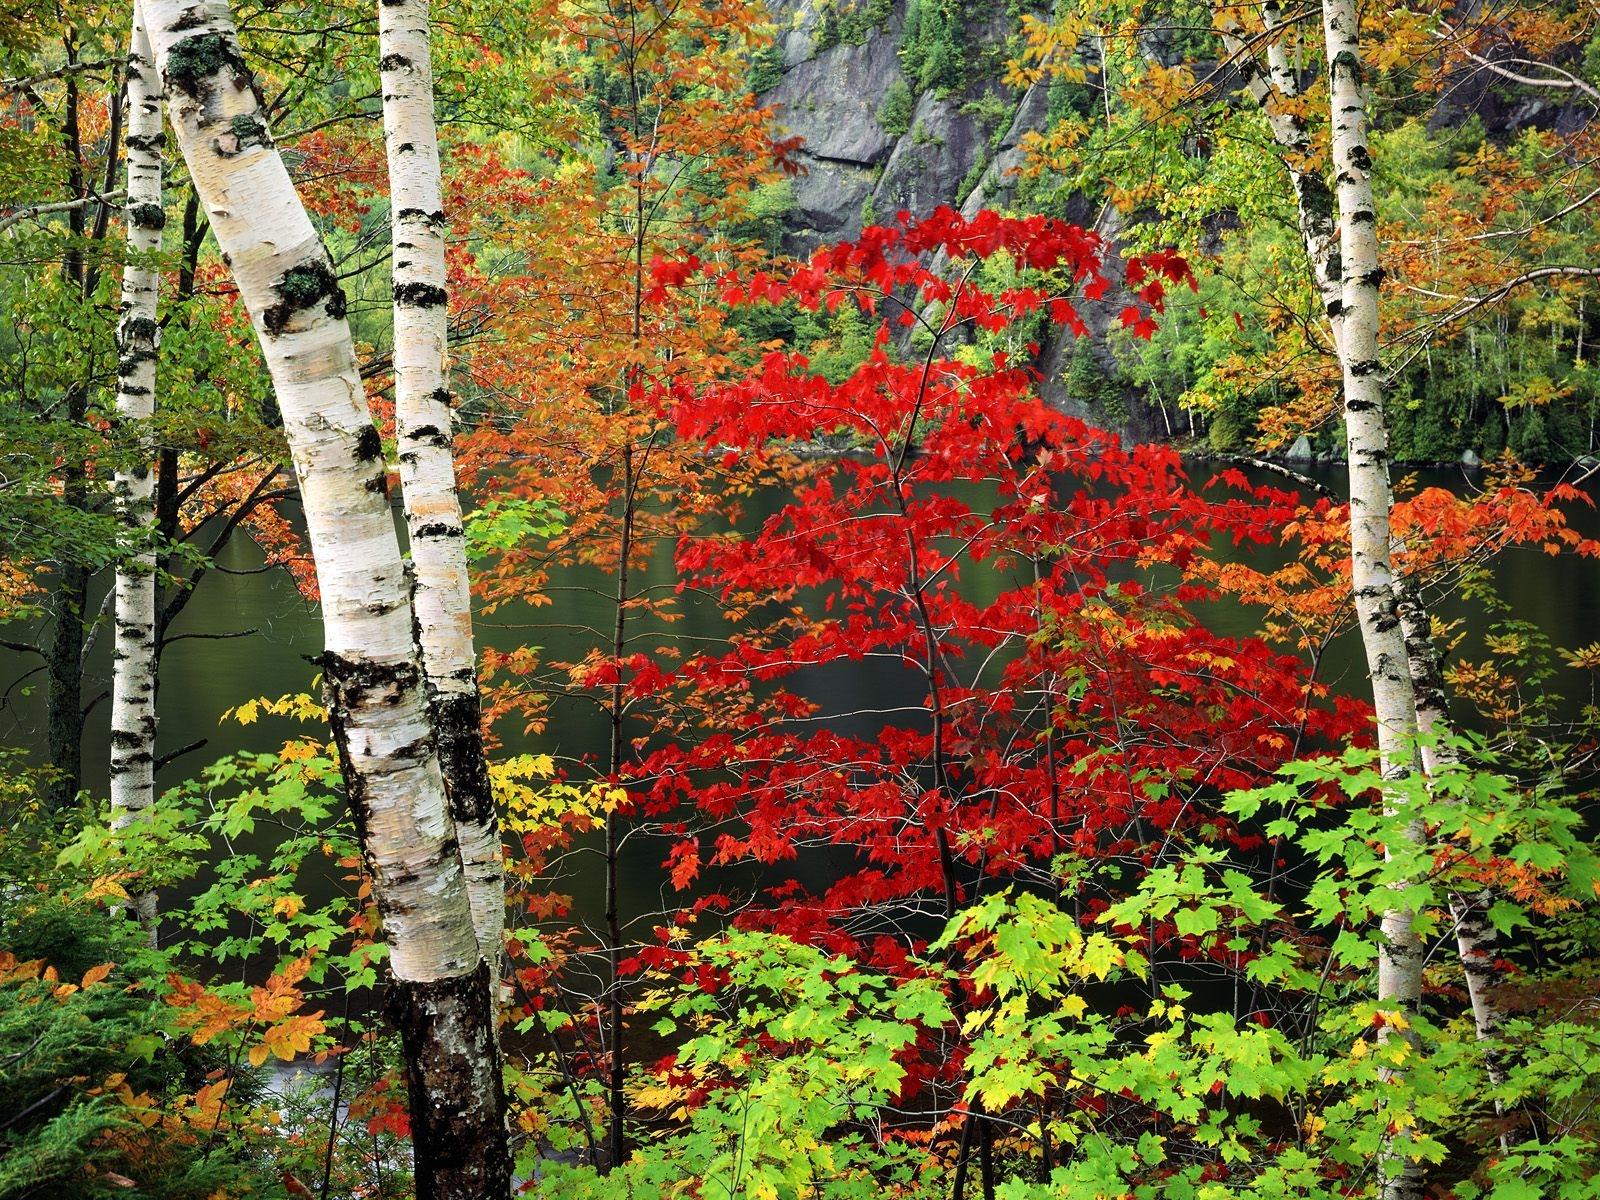 Ağaçlar yapraklar Bahçe Rusya Huş ağacı Ağaç sonbahar Yaprak çiçek bitki sezon Ormanlık alan botanik Kara bitki Çiçekli bitki Odunsu bitki çalı Ilıman geniş yapraklı ve karışık orman yaprak döken akçaağaç